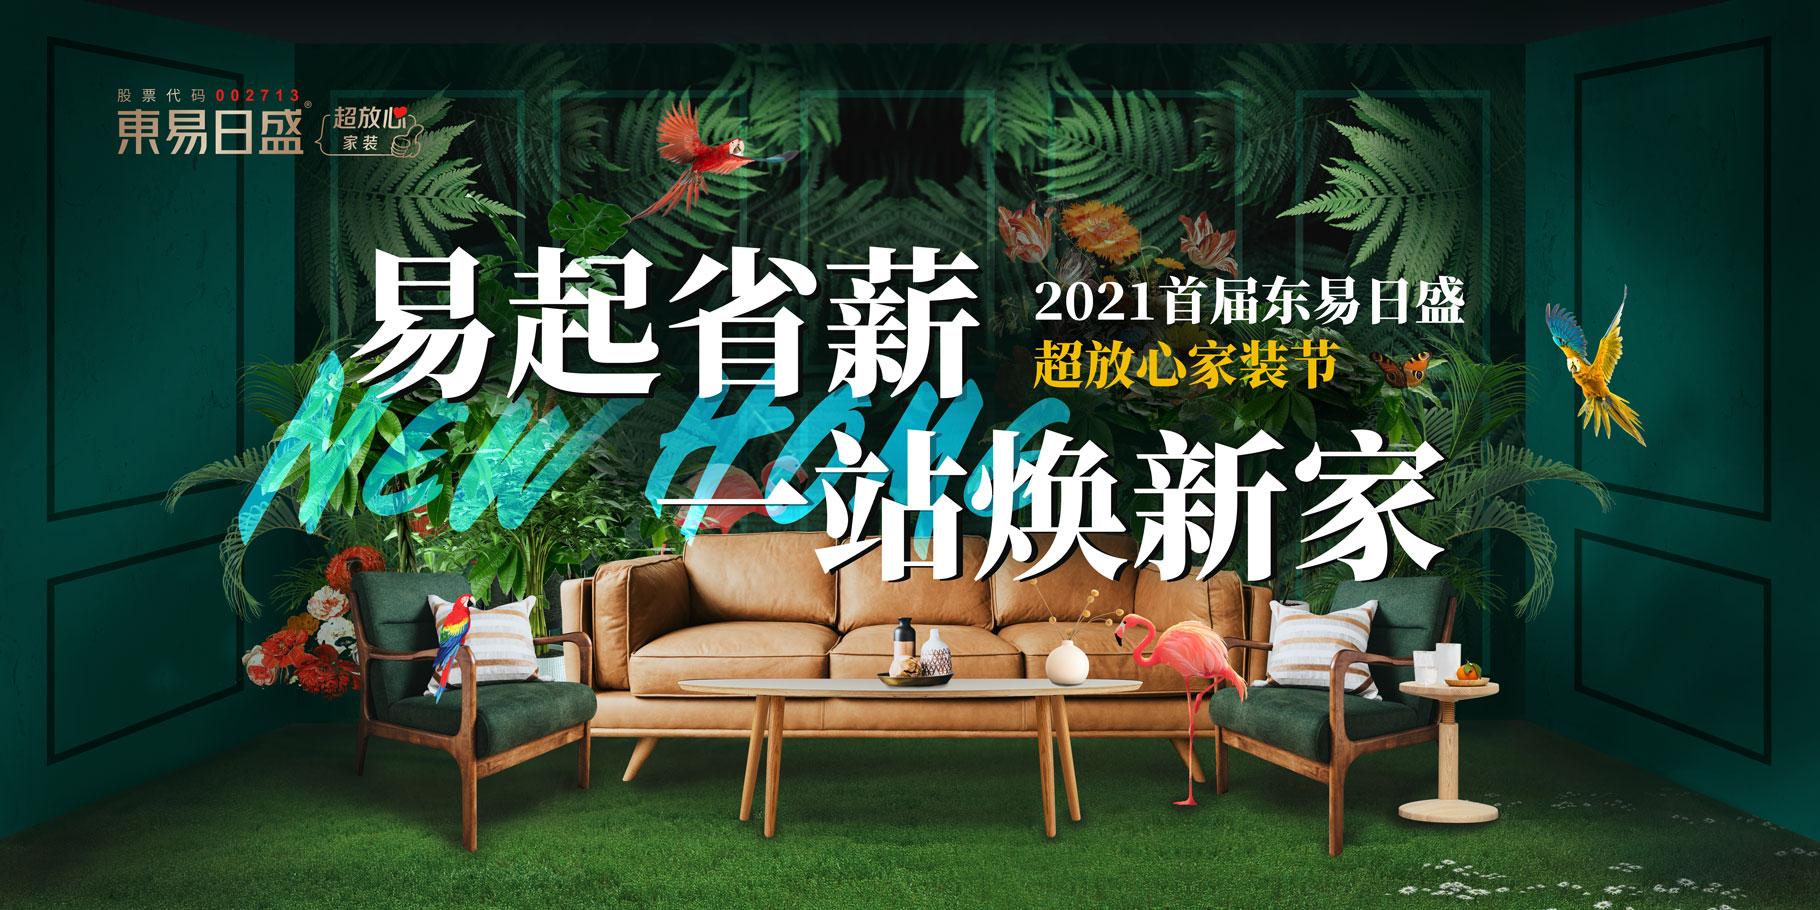 东易日盛超放心家装节开启,积极响应双品网购节-产业互联网